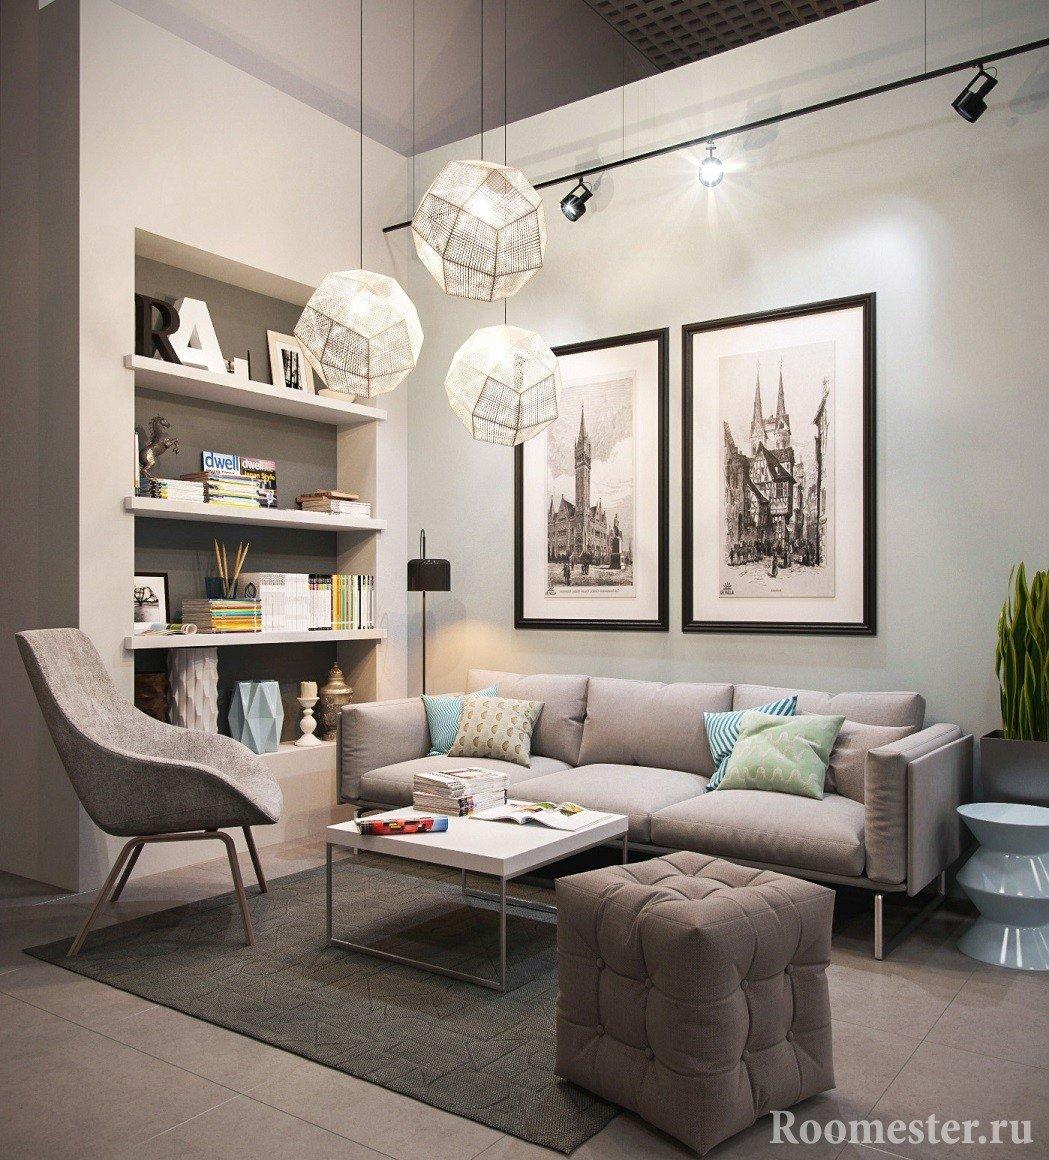 Гостиная с диваном и креслом